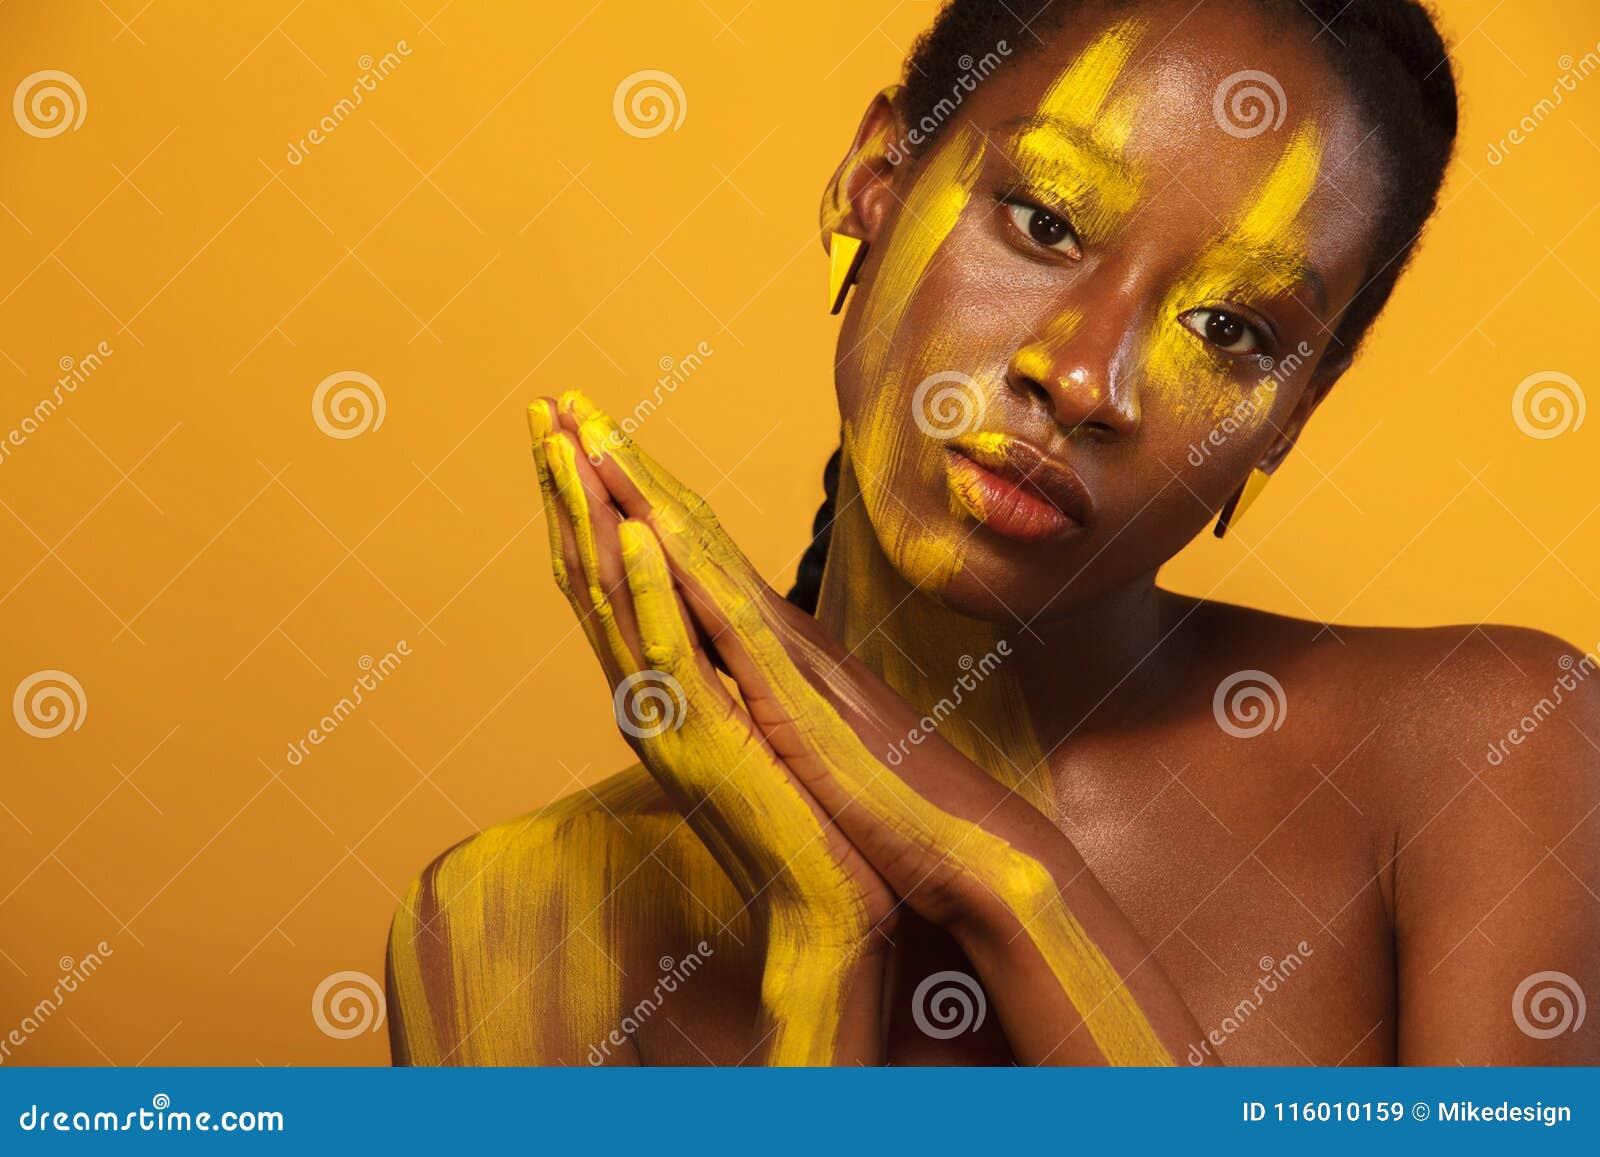 Жизнерадостная молодая африканская женщина с желтым составом весны на ей глаза Женская модель против желтой предпосылки лета